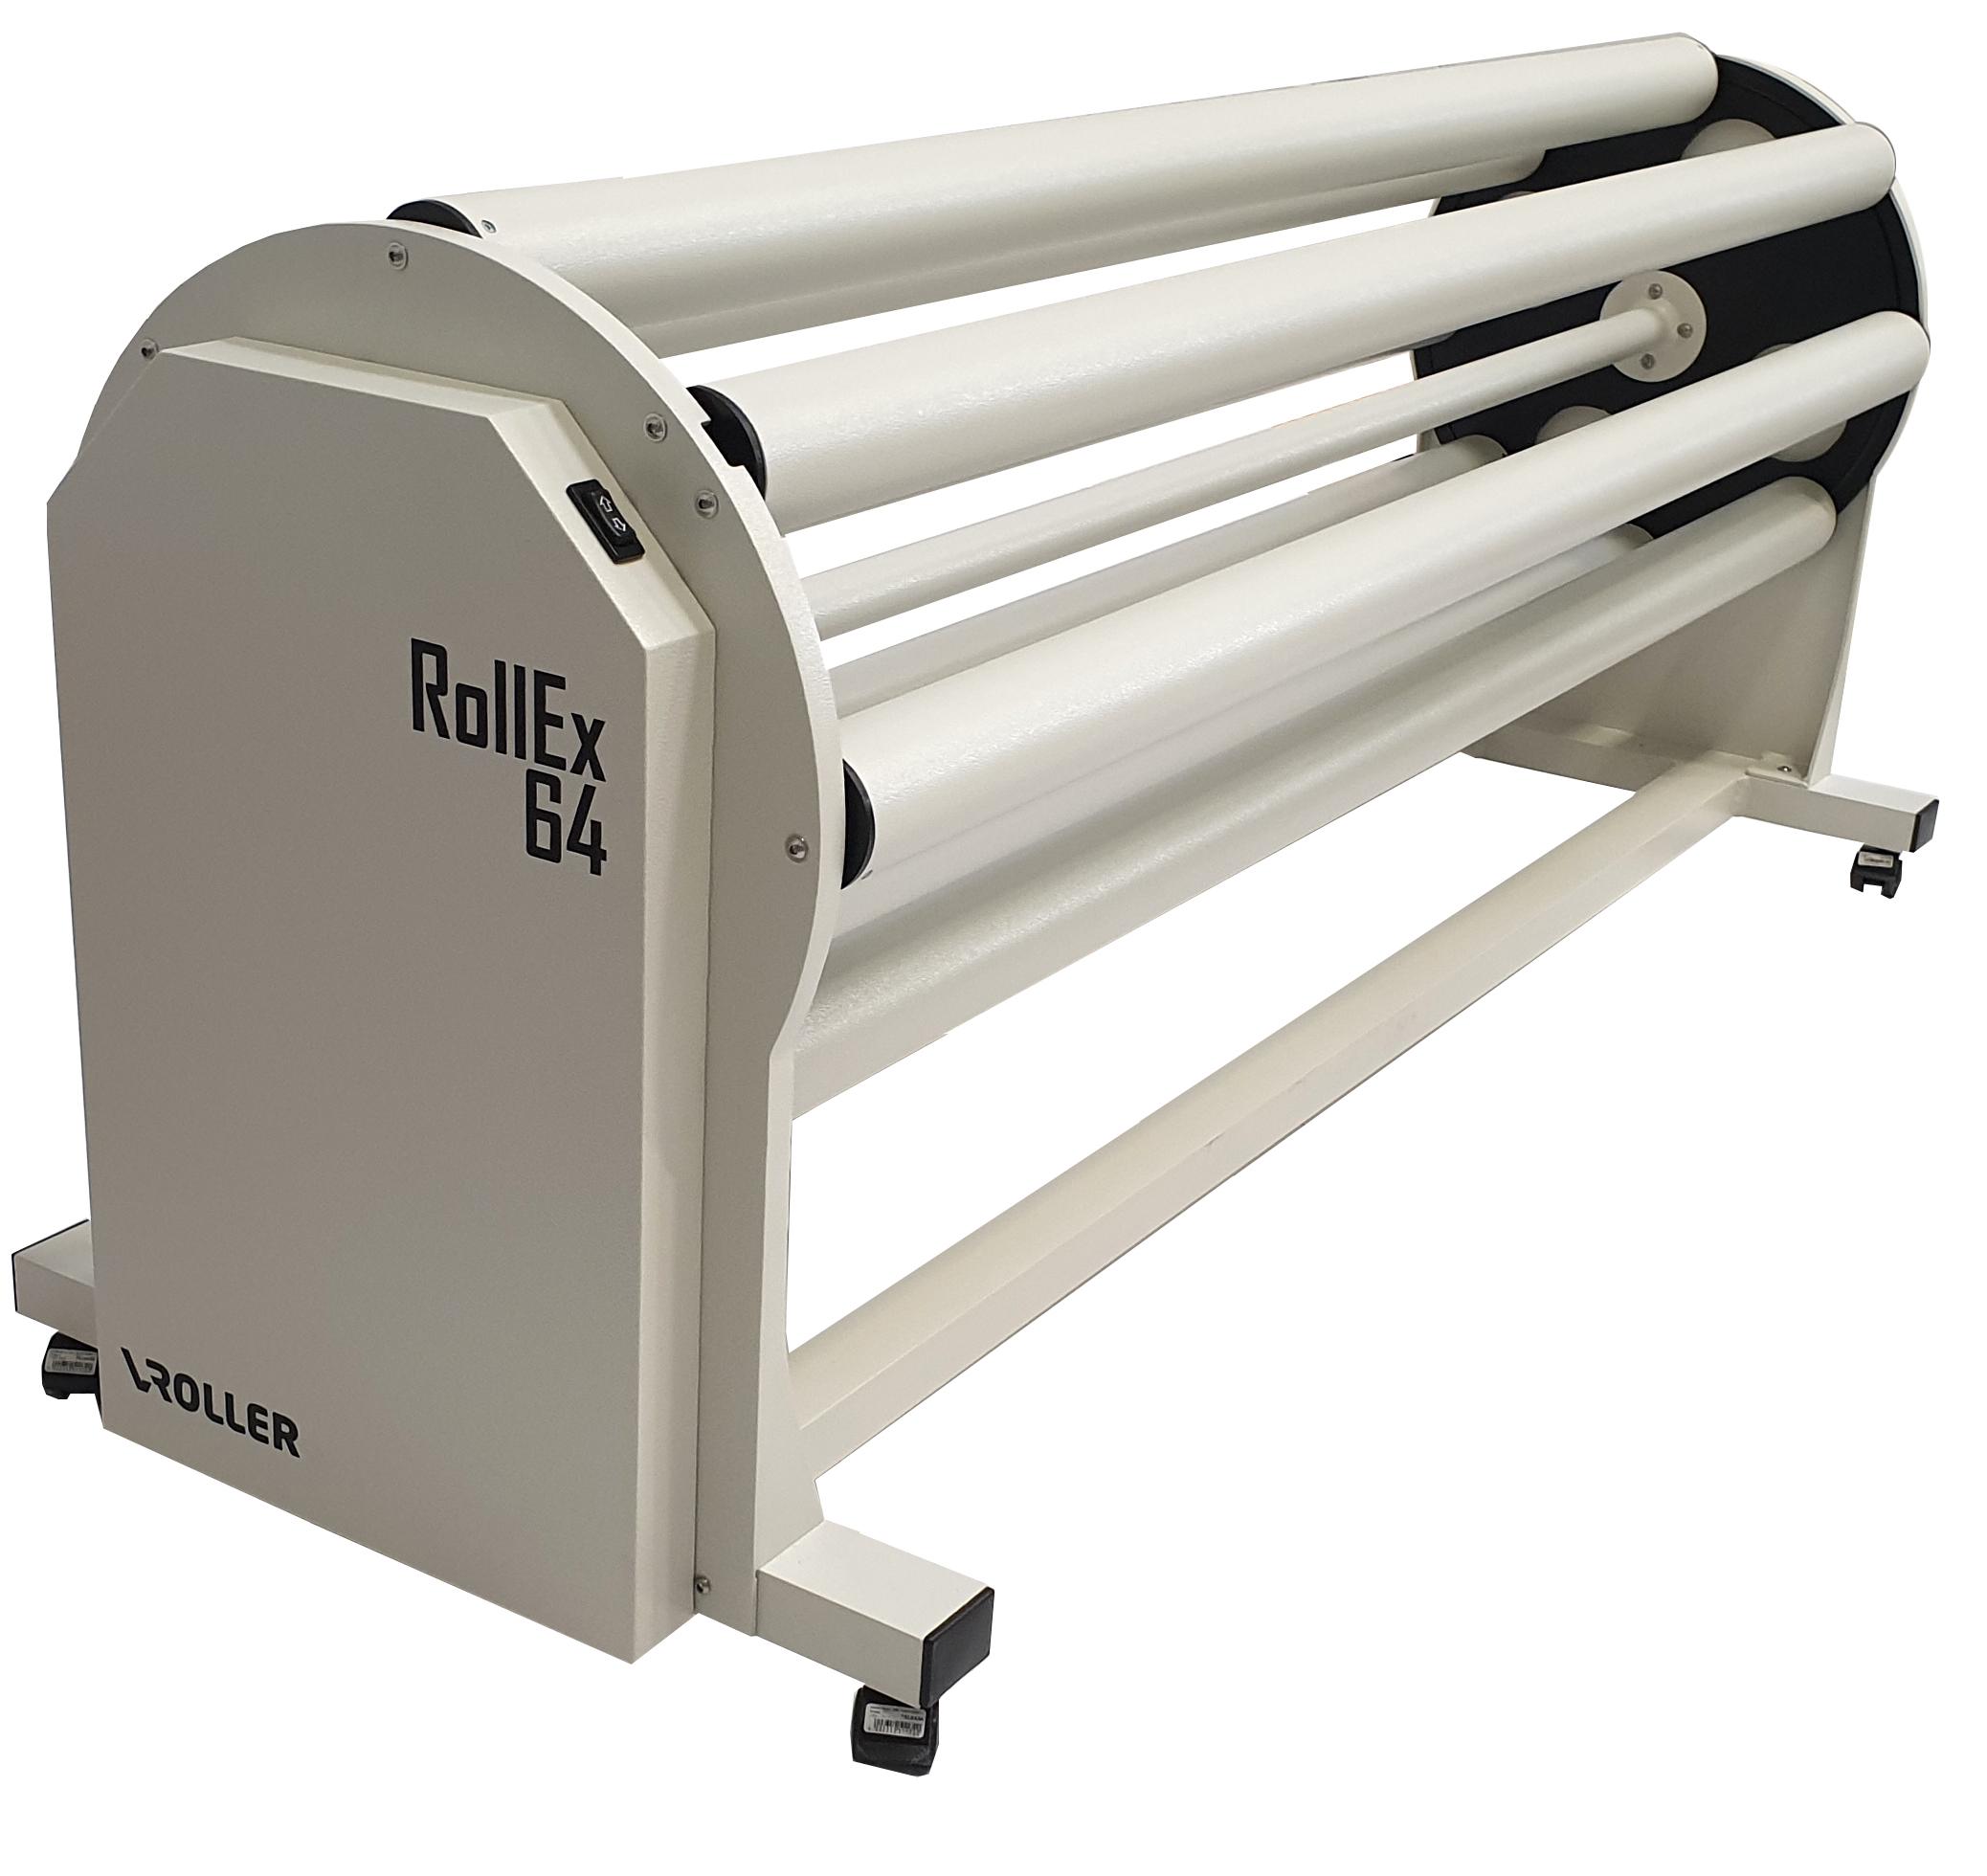 Portarotolo esterno per calandra piana e stampanti Roll To Roll VRoller RollEx